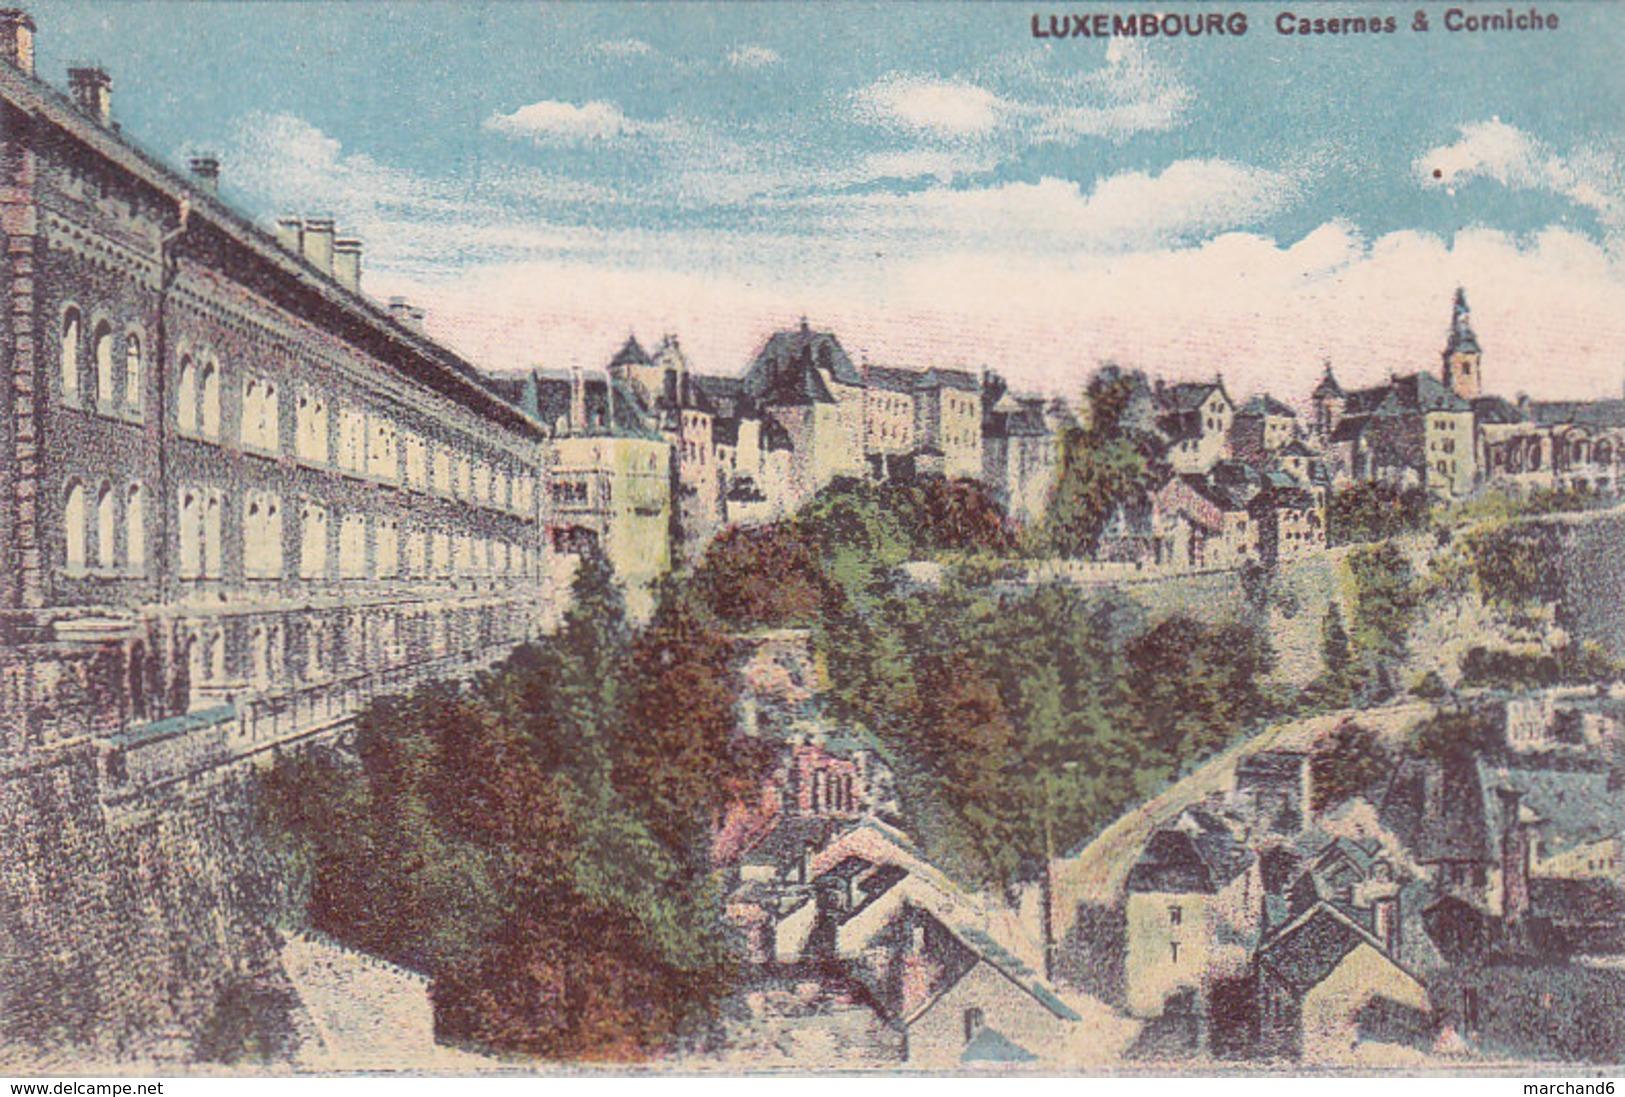 Luxembourg Casernes & Corniche éditeur Maison De Gros P Houstraas N°33 - Luxembourg - Ville